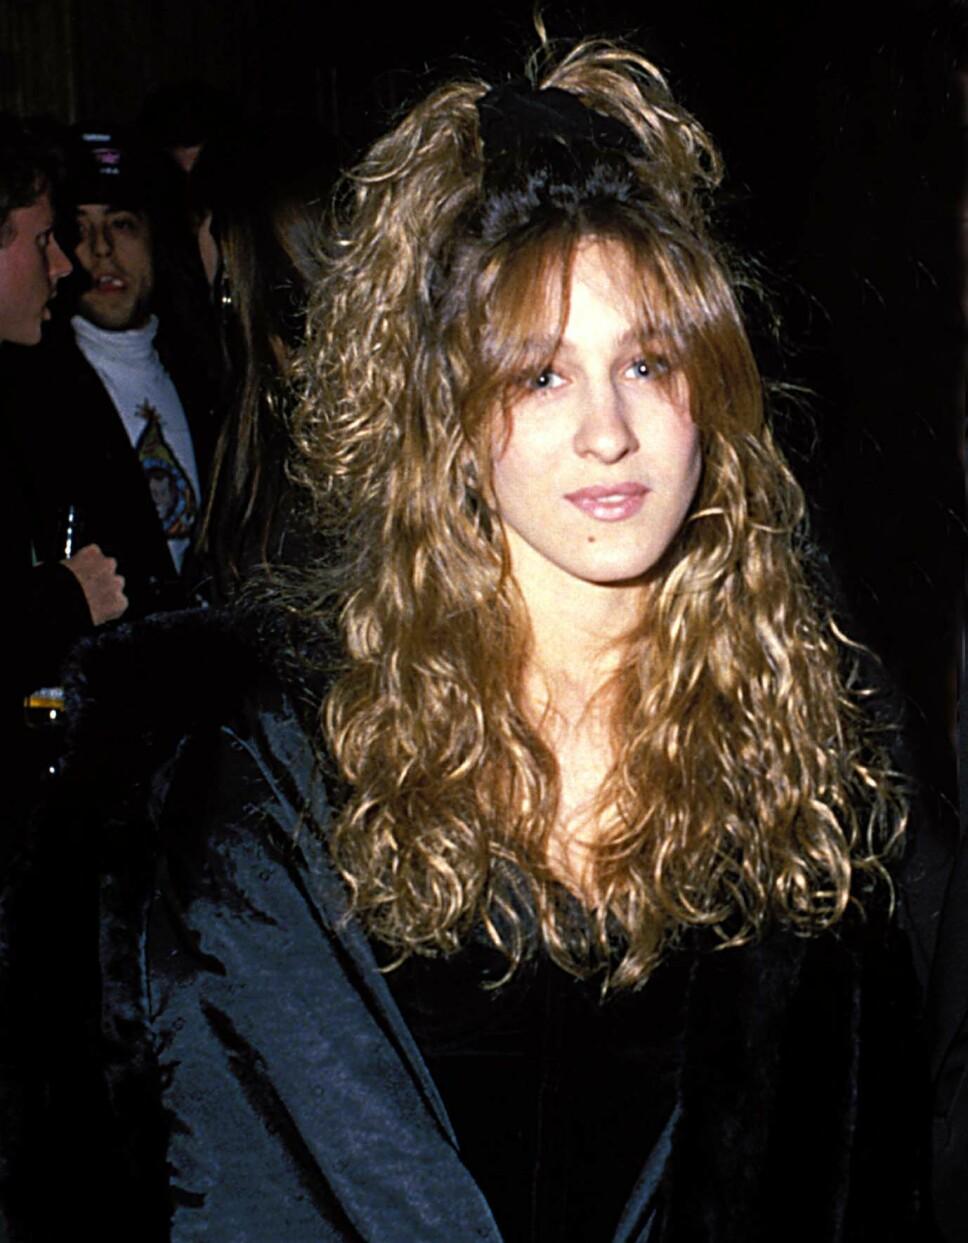 TIDLIG UTE: Sarah Jessica Parker var tidlig ute med scrunchien. Nå har den tykke hårstrikken blitt trendy nok en gang.